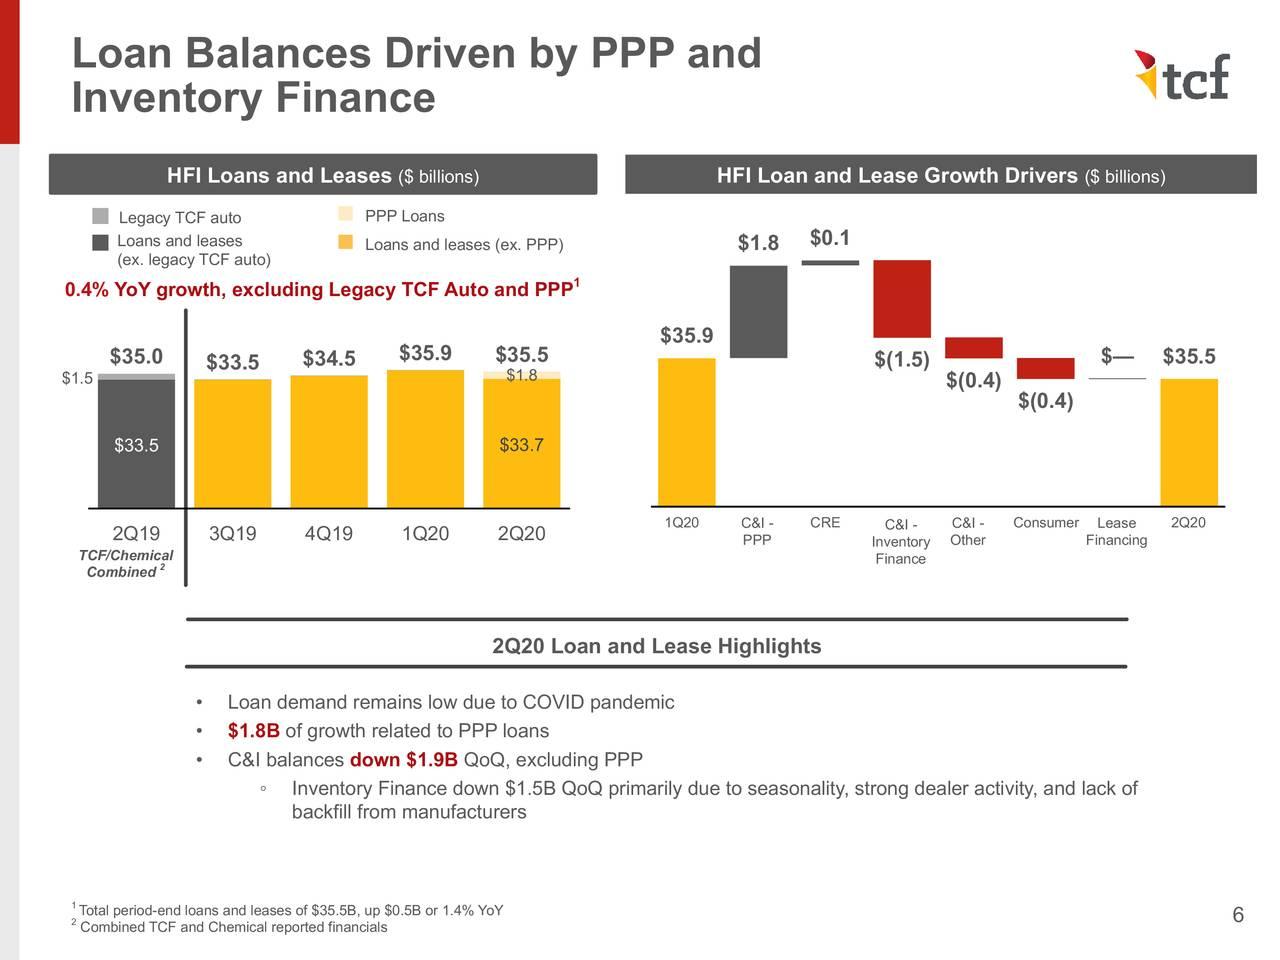 Saldos de préstamos impulsados por PPP y